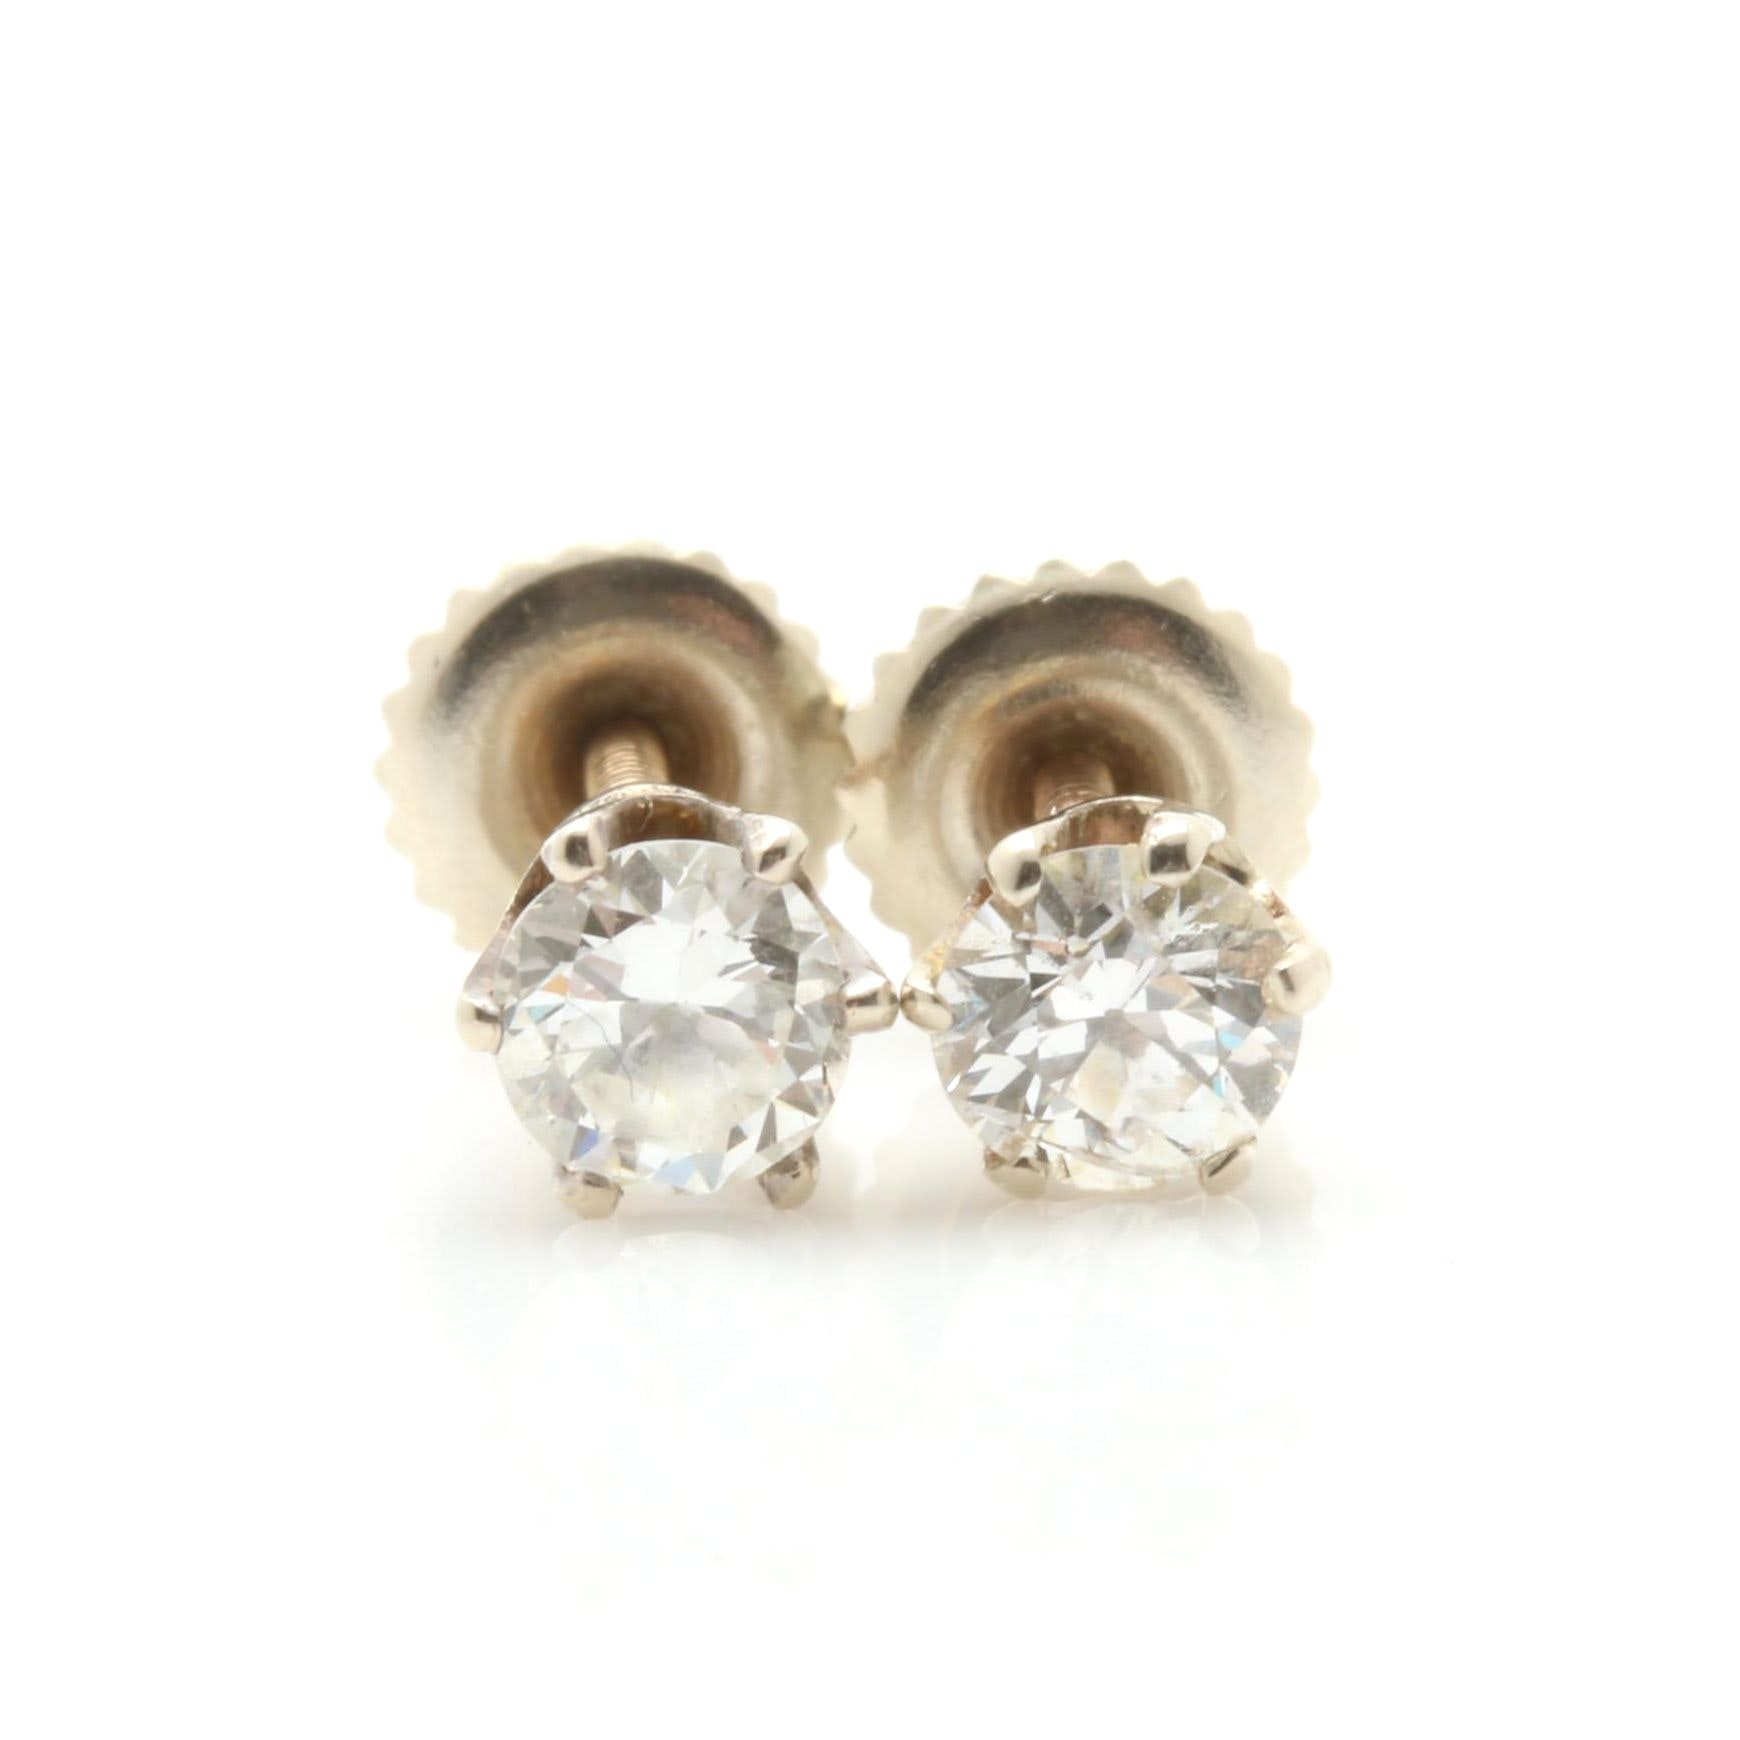 14K and 18K White Gold Diamond Stud Earrings